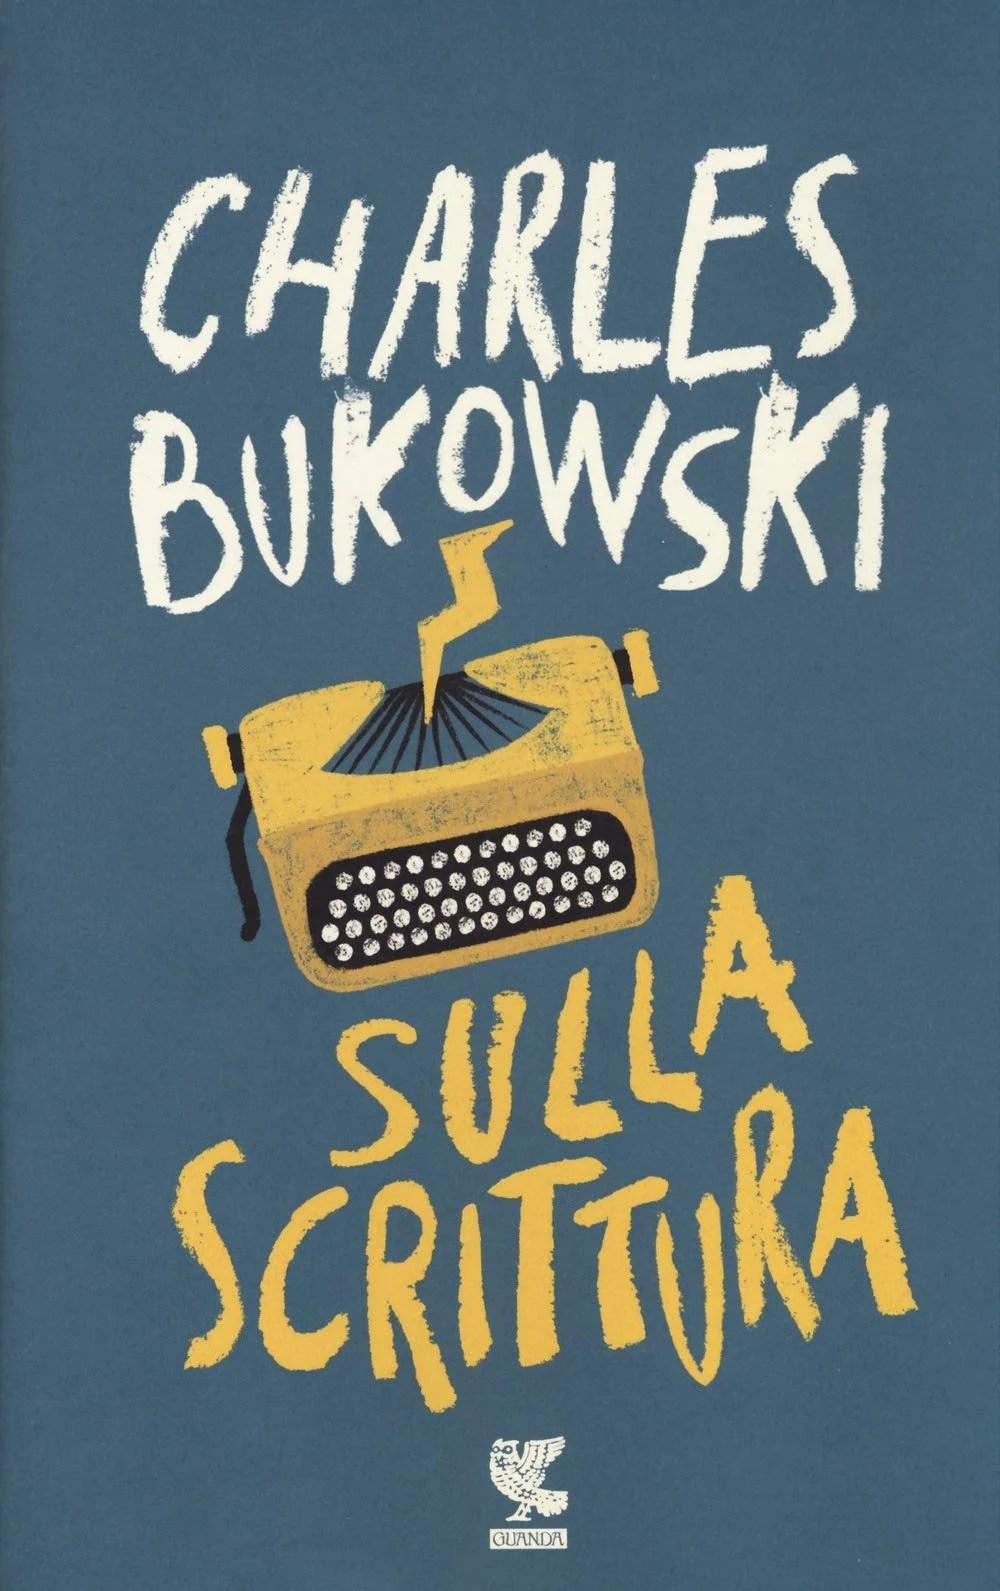 Recensione di Sulla Scrittura – Charles Bukowski